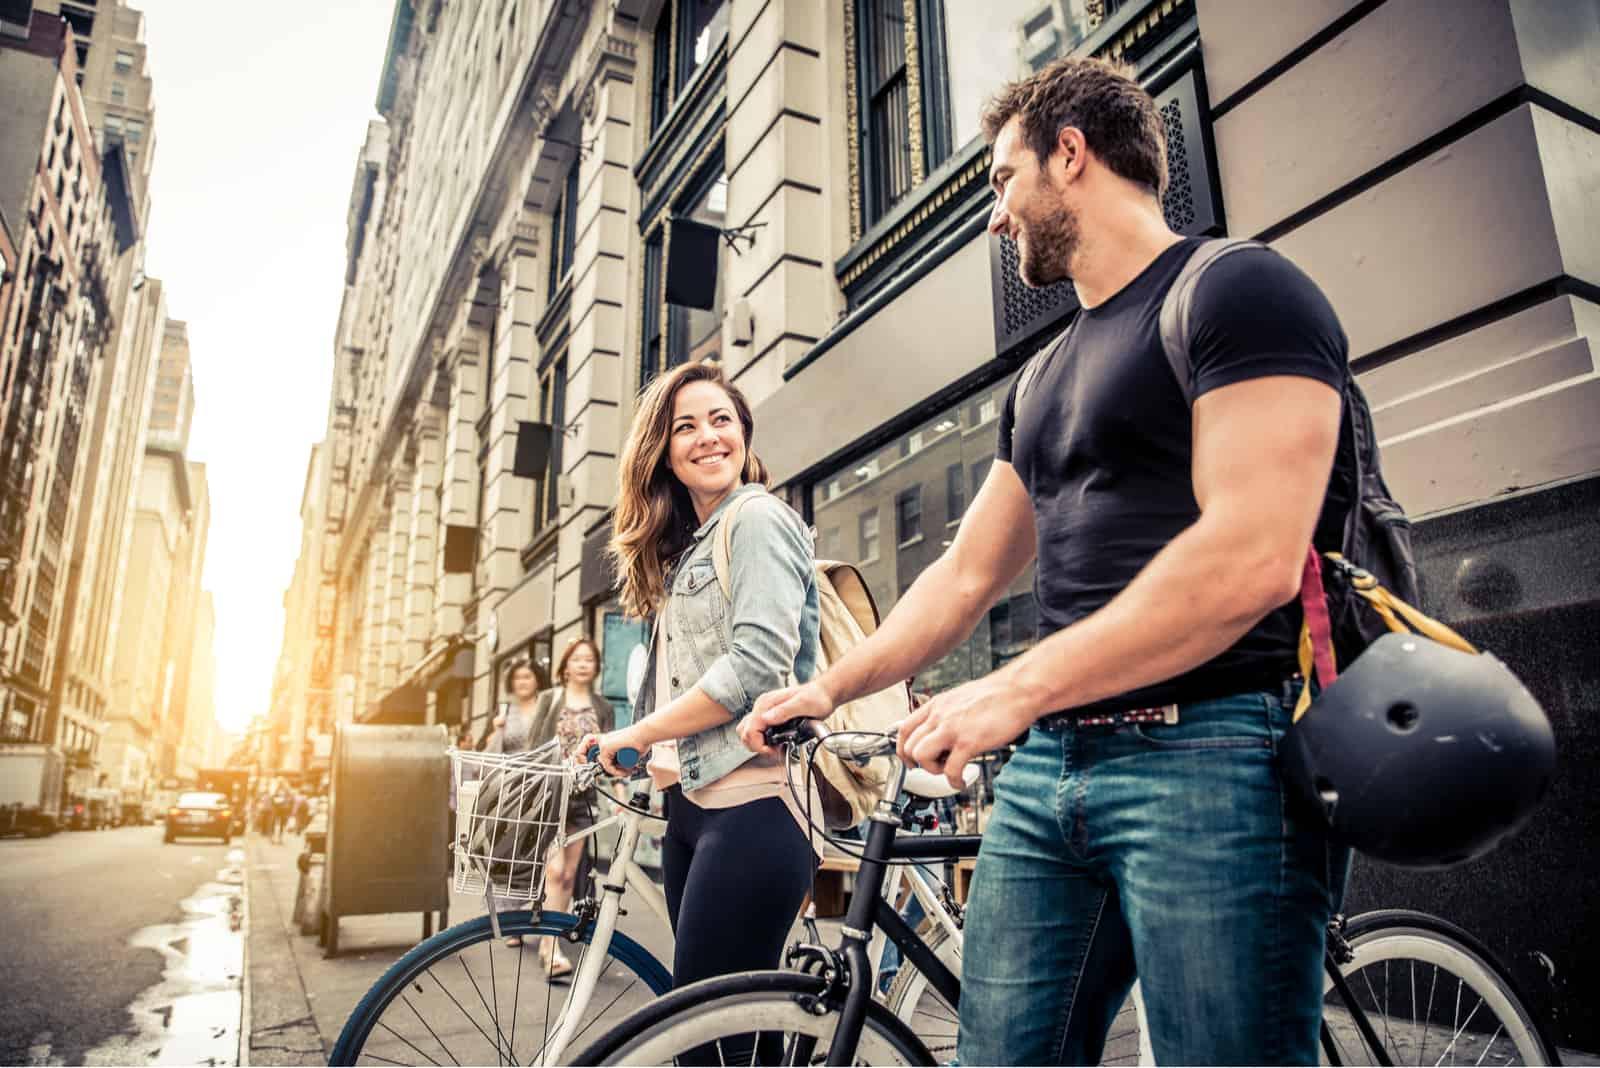 un homme et une femme se tiennent près du vélo et parlent